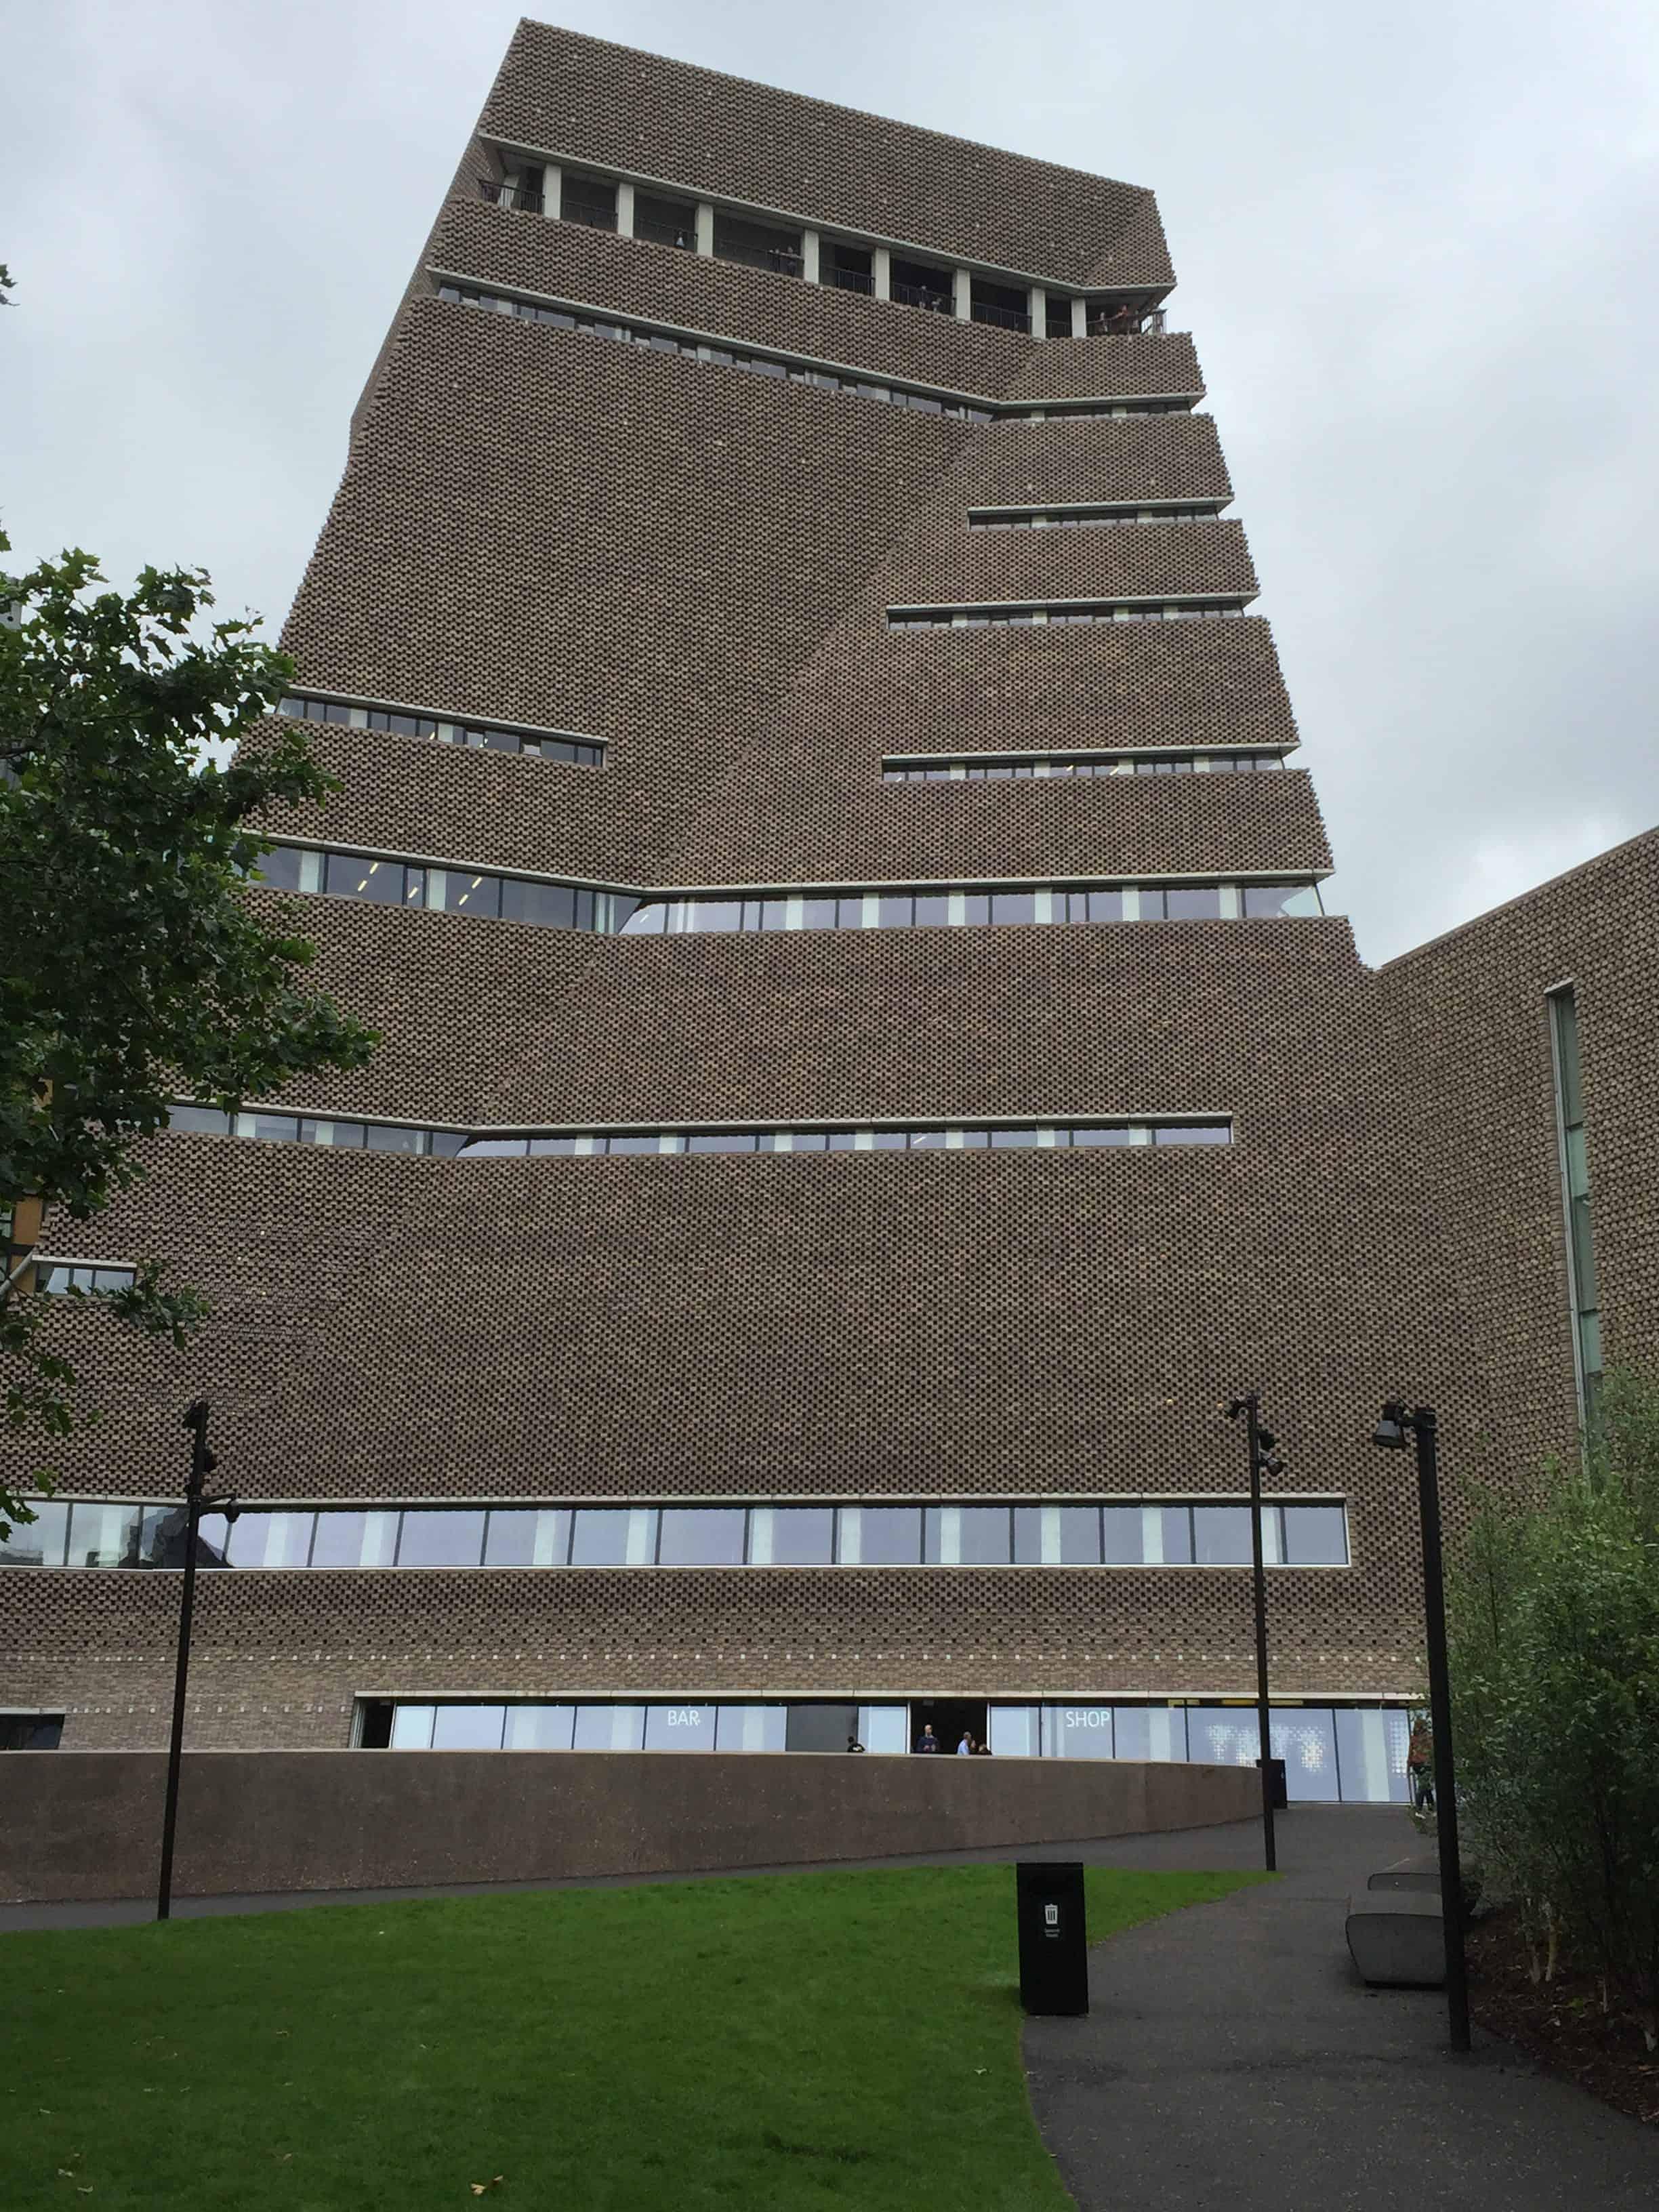 Tate Vista lateral